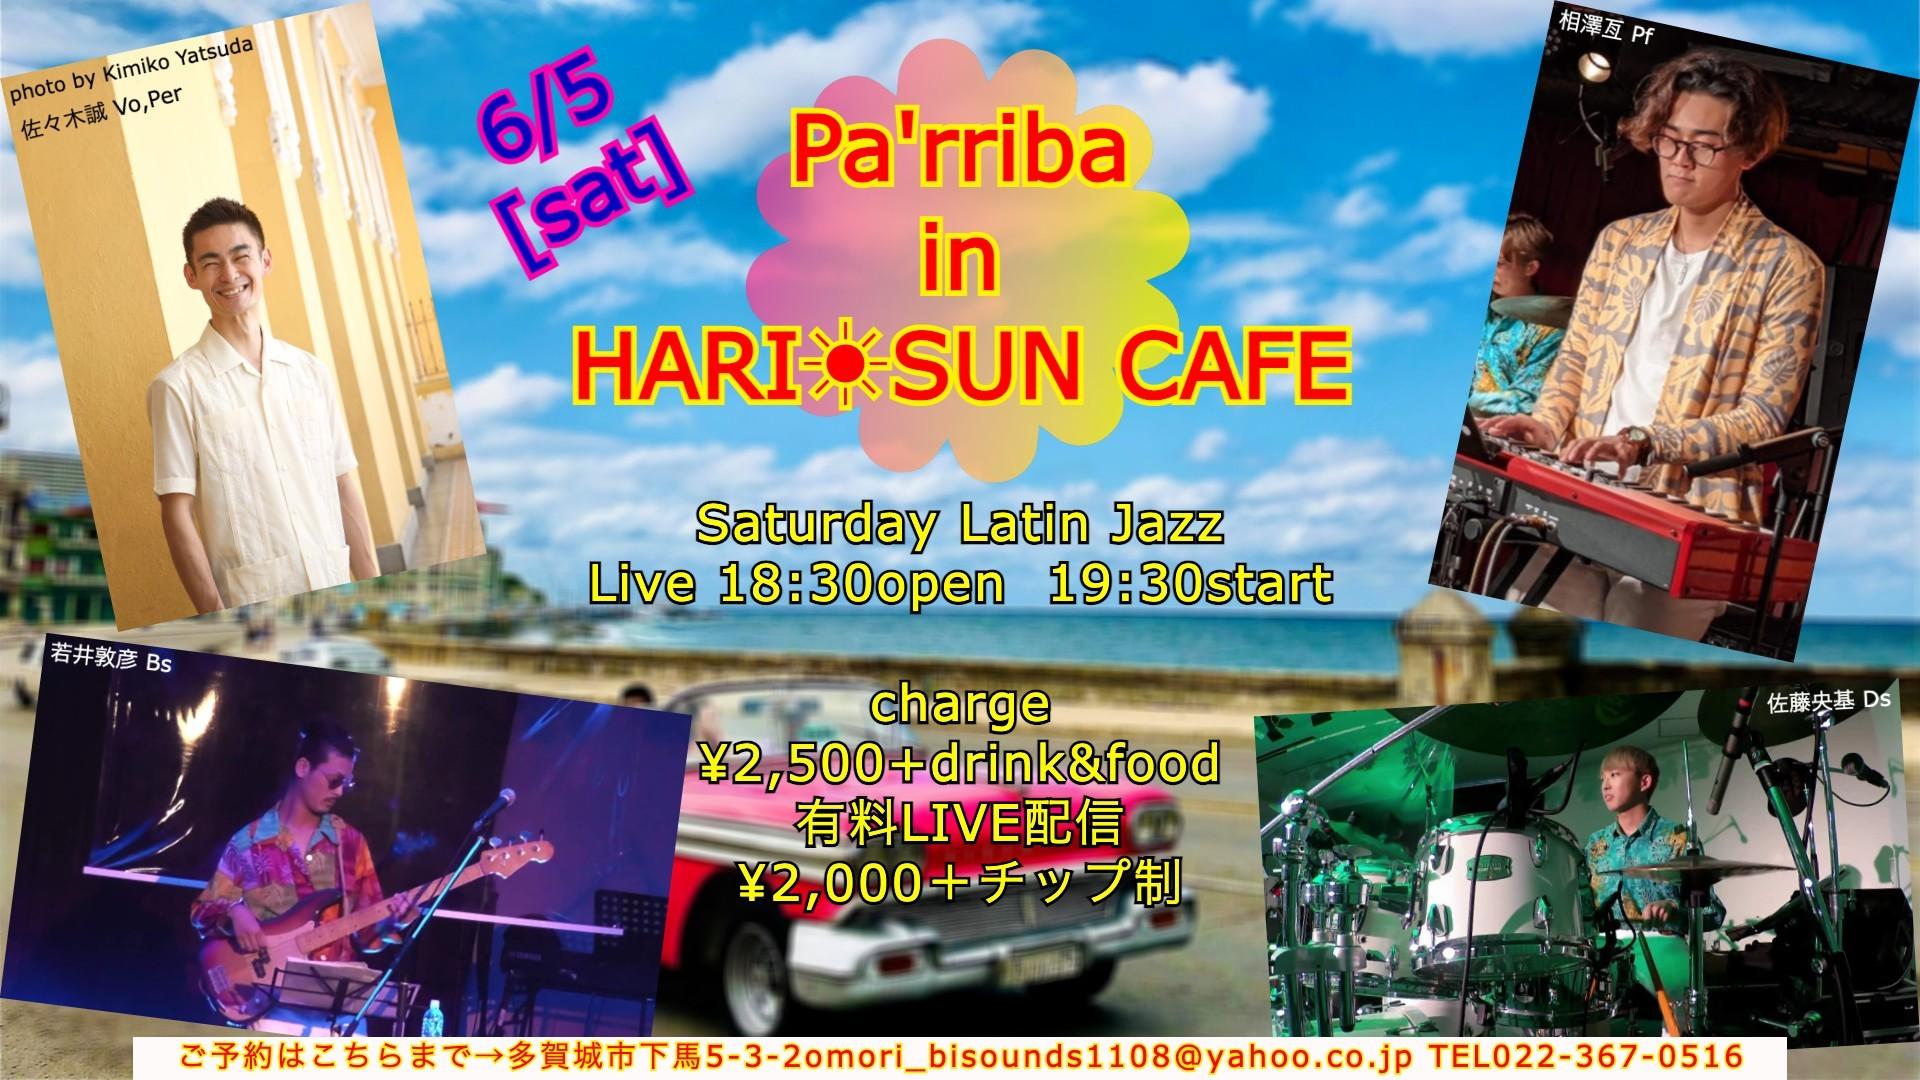 6/5(土)19時半からPa\'rriba宮城初公演ライブ配信 from Hari Sun Cafe _a0103940_10345968.jpg